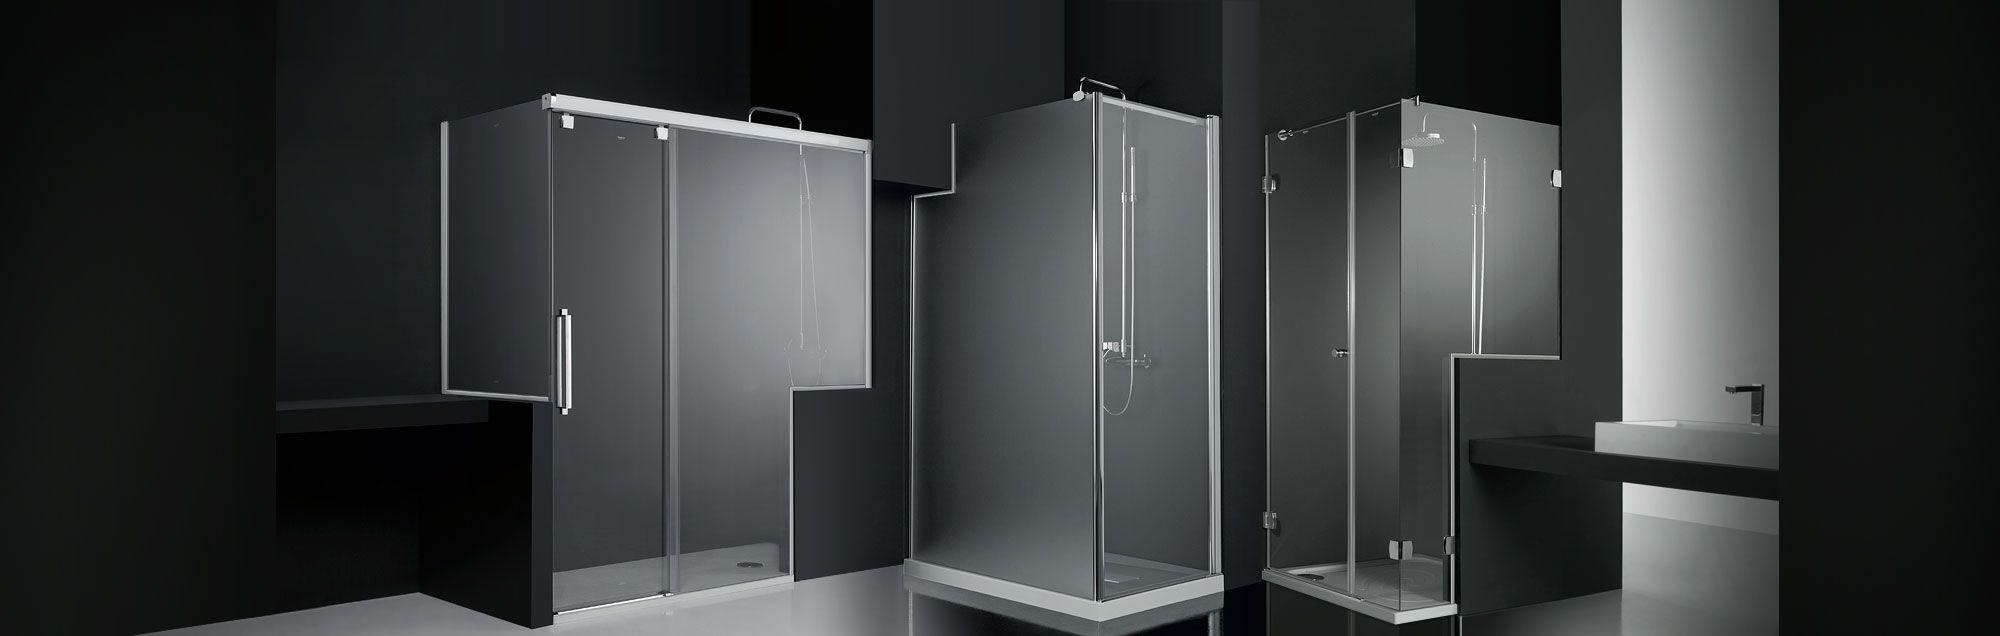 Box doccia con soluzioni speciali profiltek - Modelos de mamparas de ducha ...